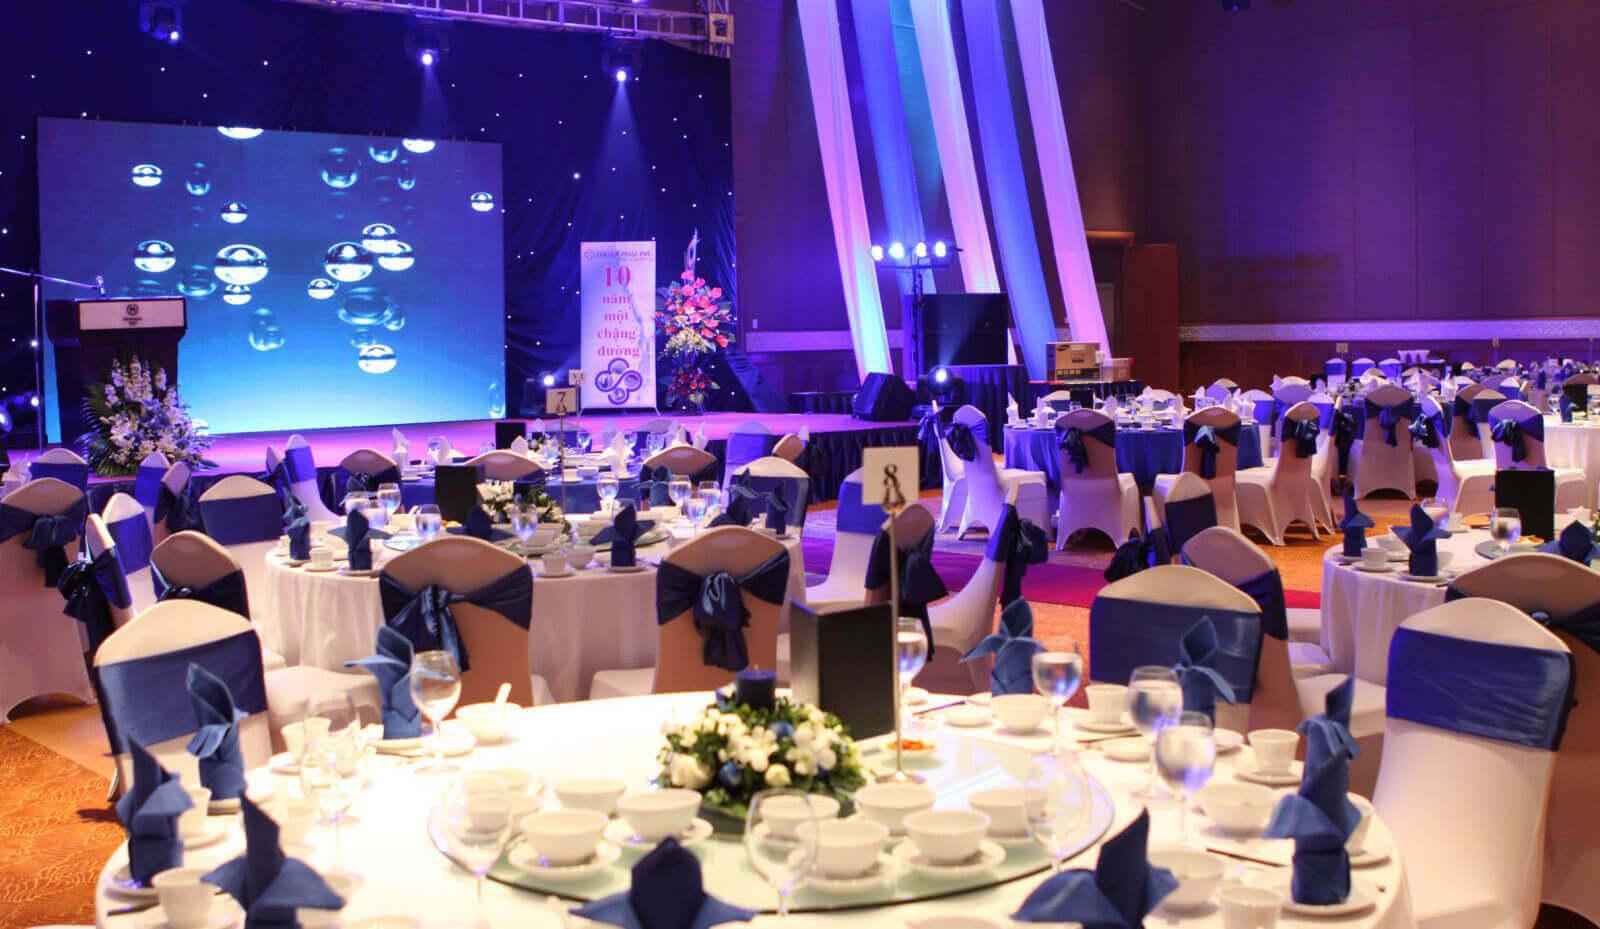 Tổ chức tiệc cuối năm tại Đà Nẵng 2